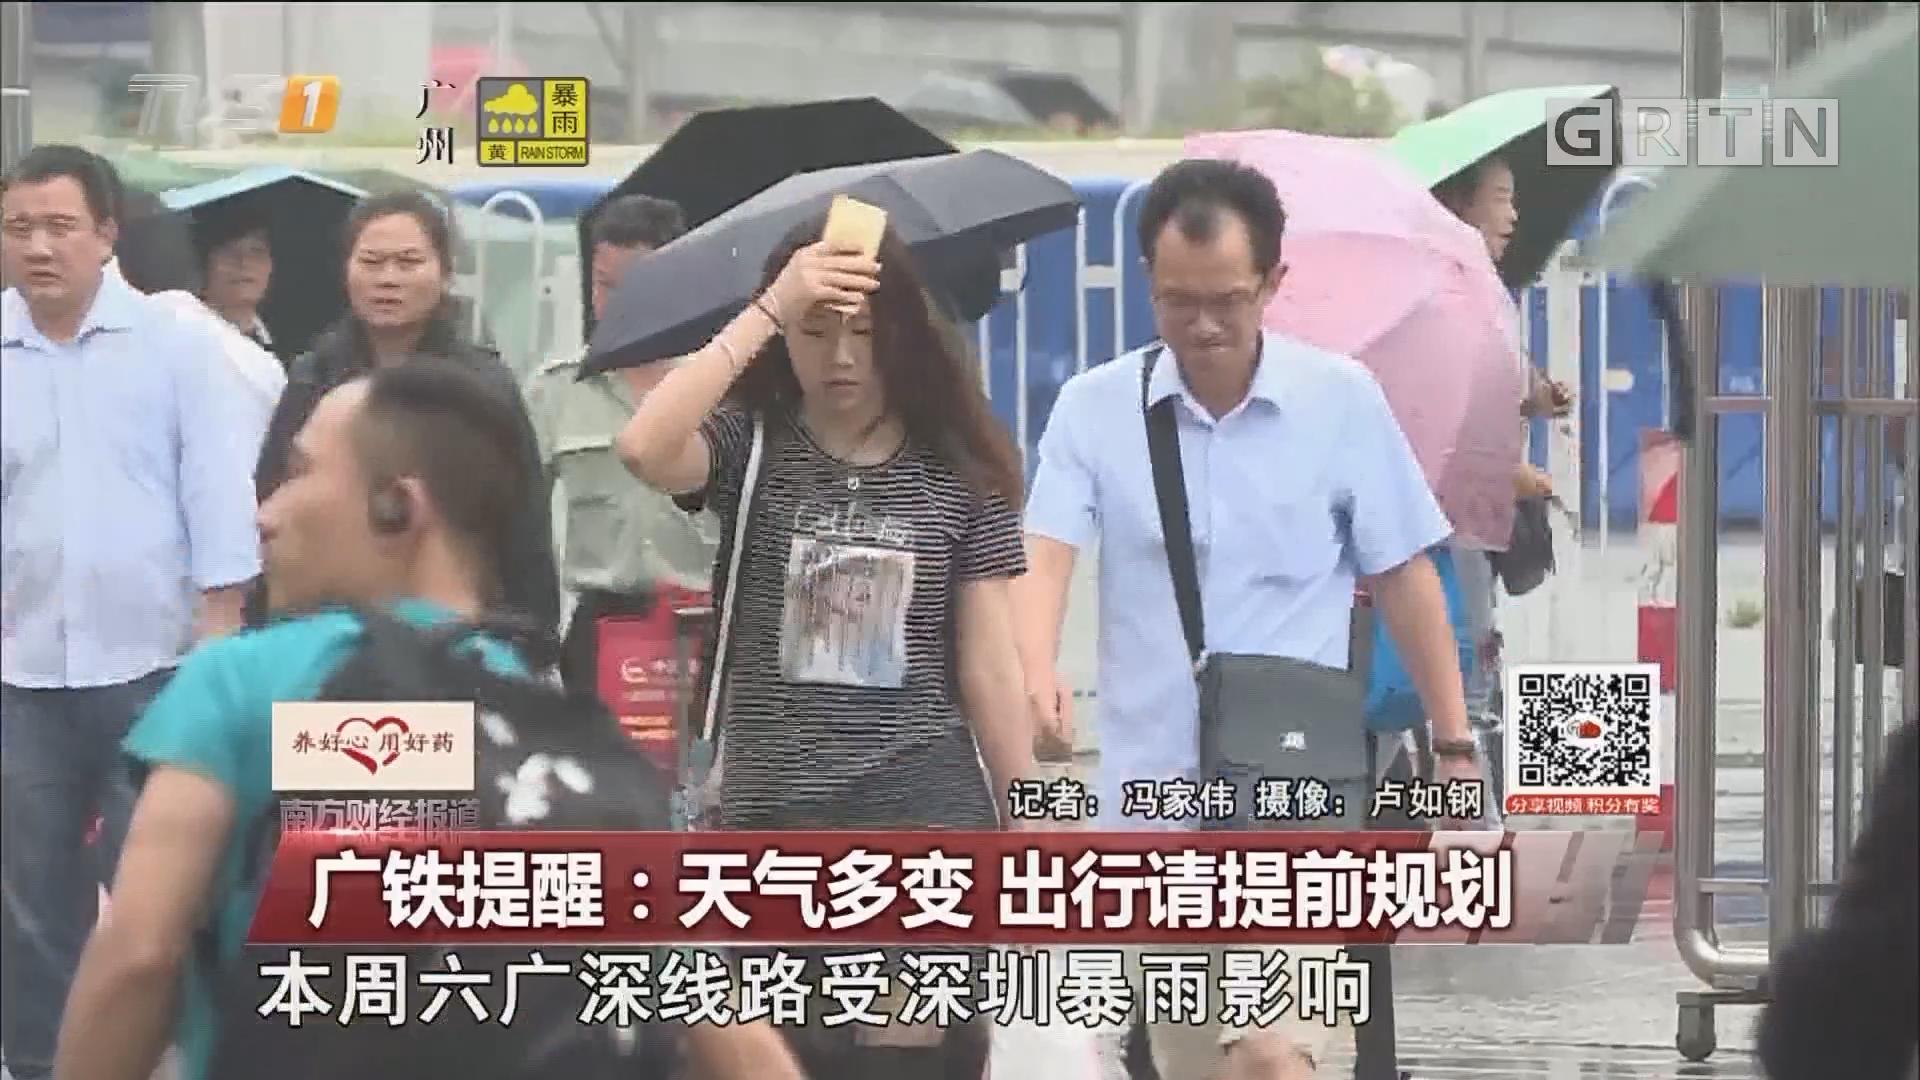 广铁提醒:天气多变 出行请提前规划